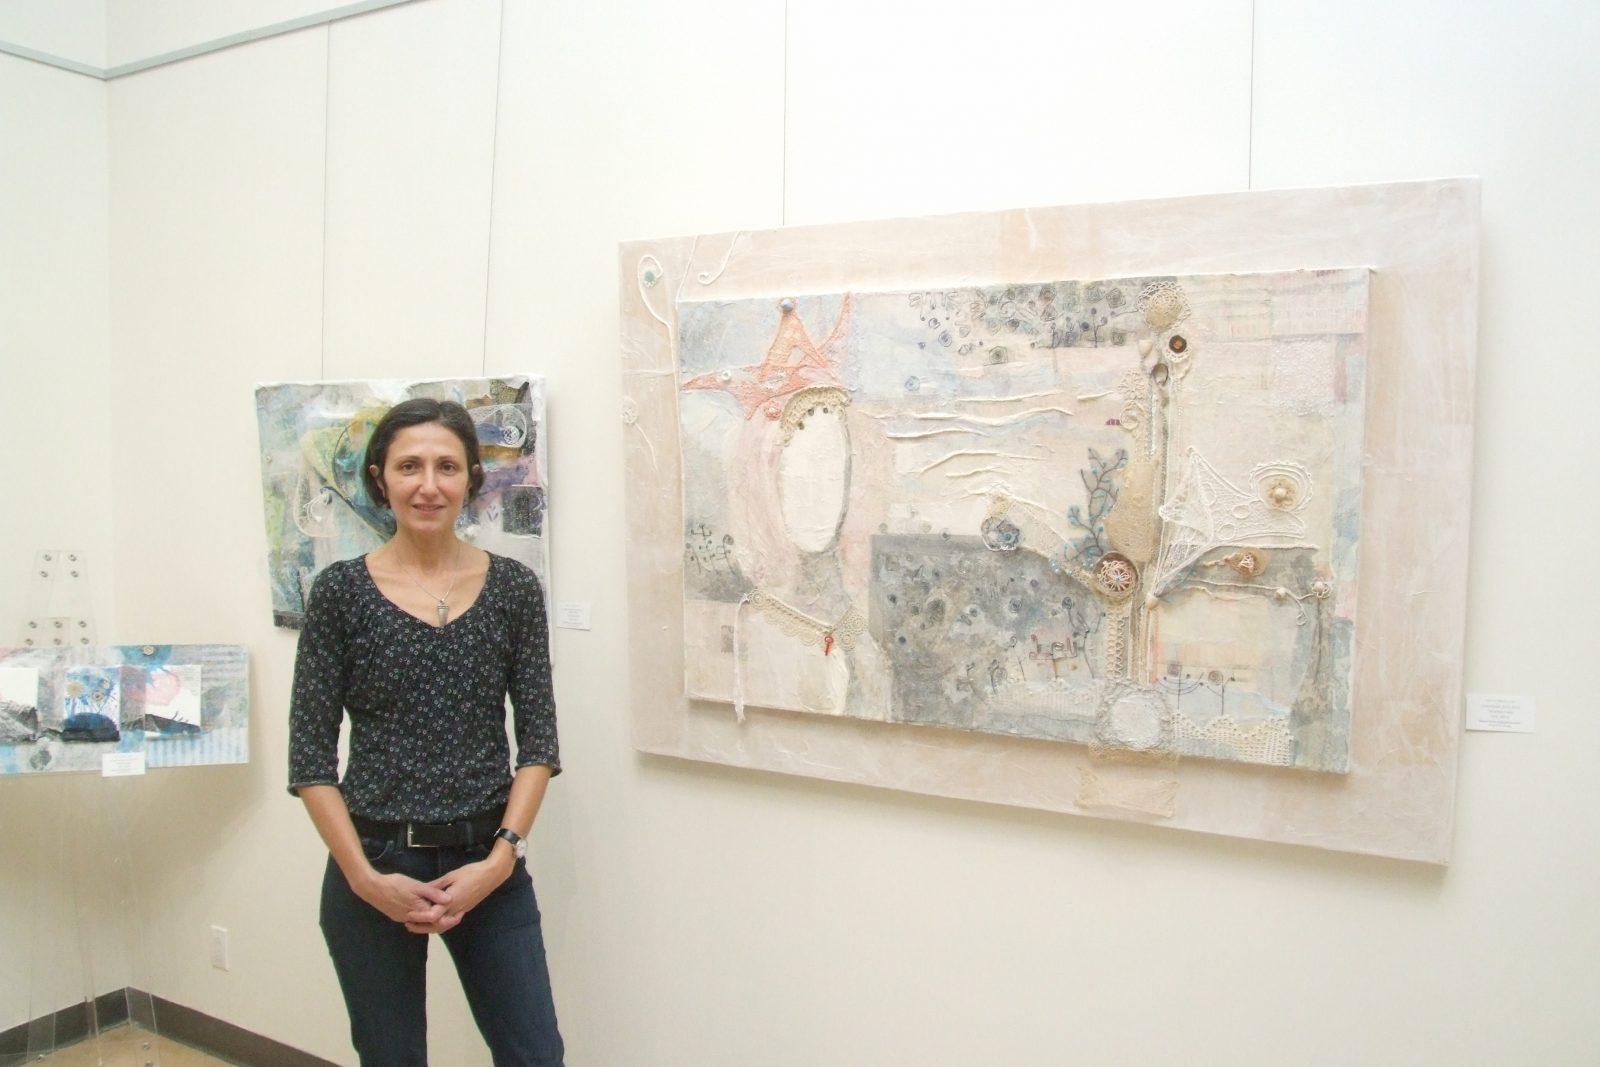 Les Contes d'hiver de Maya Nikolova tissent un lien avec les souvenirs d'enfance de cette artiste